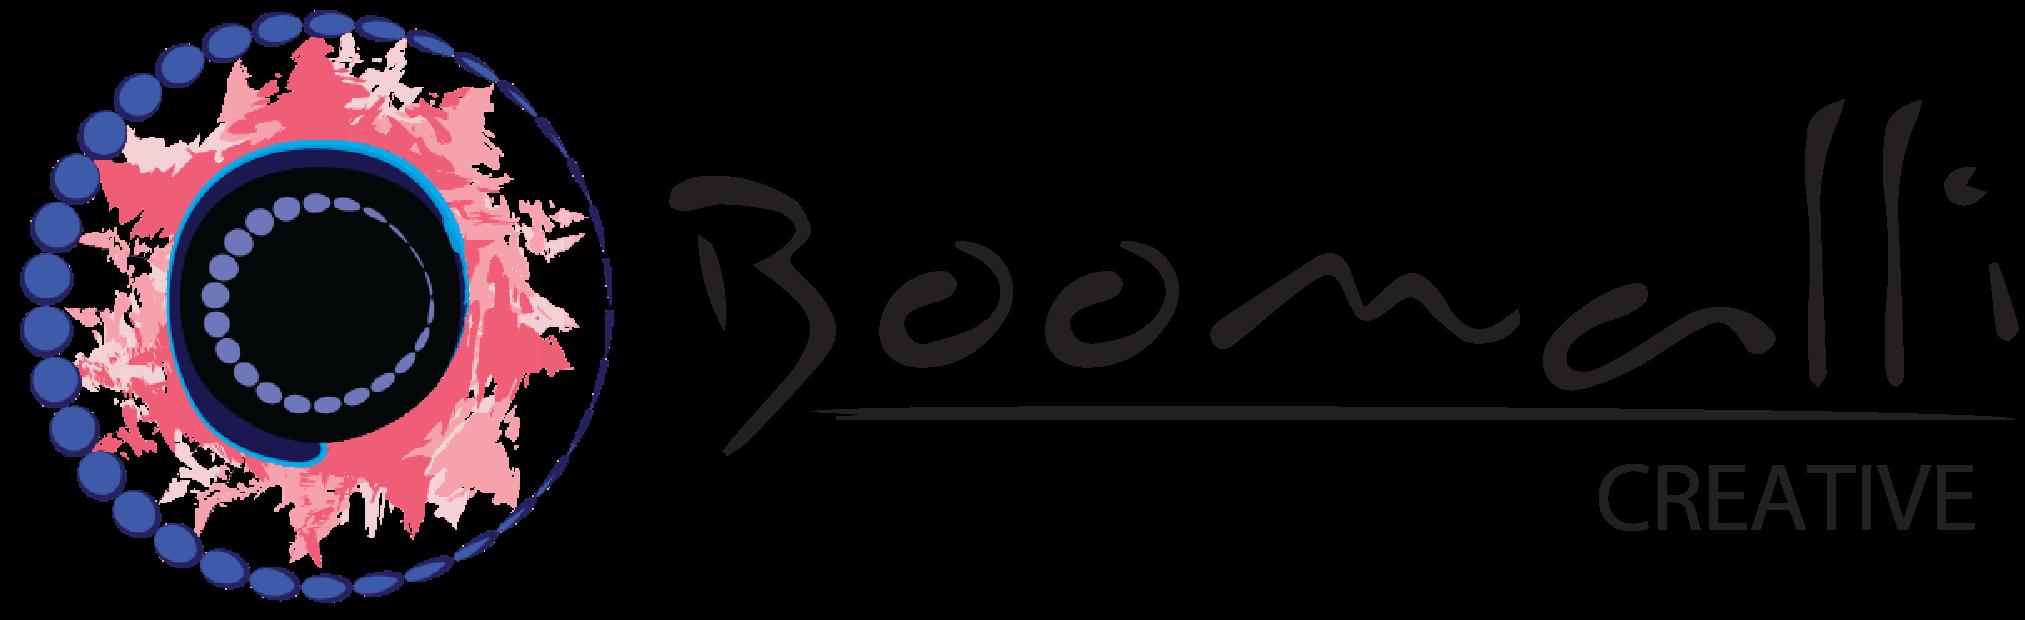 Boomalli Creative Logo